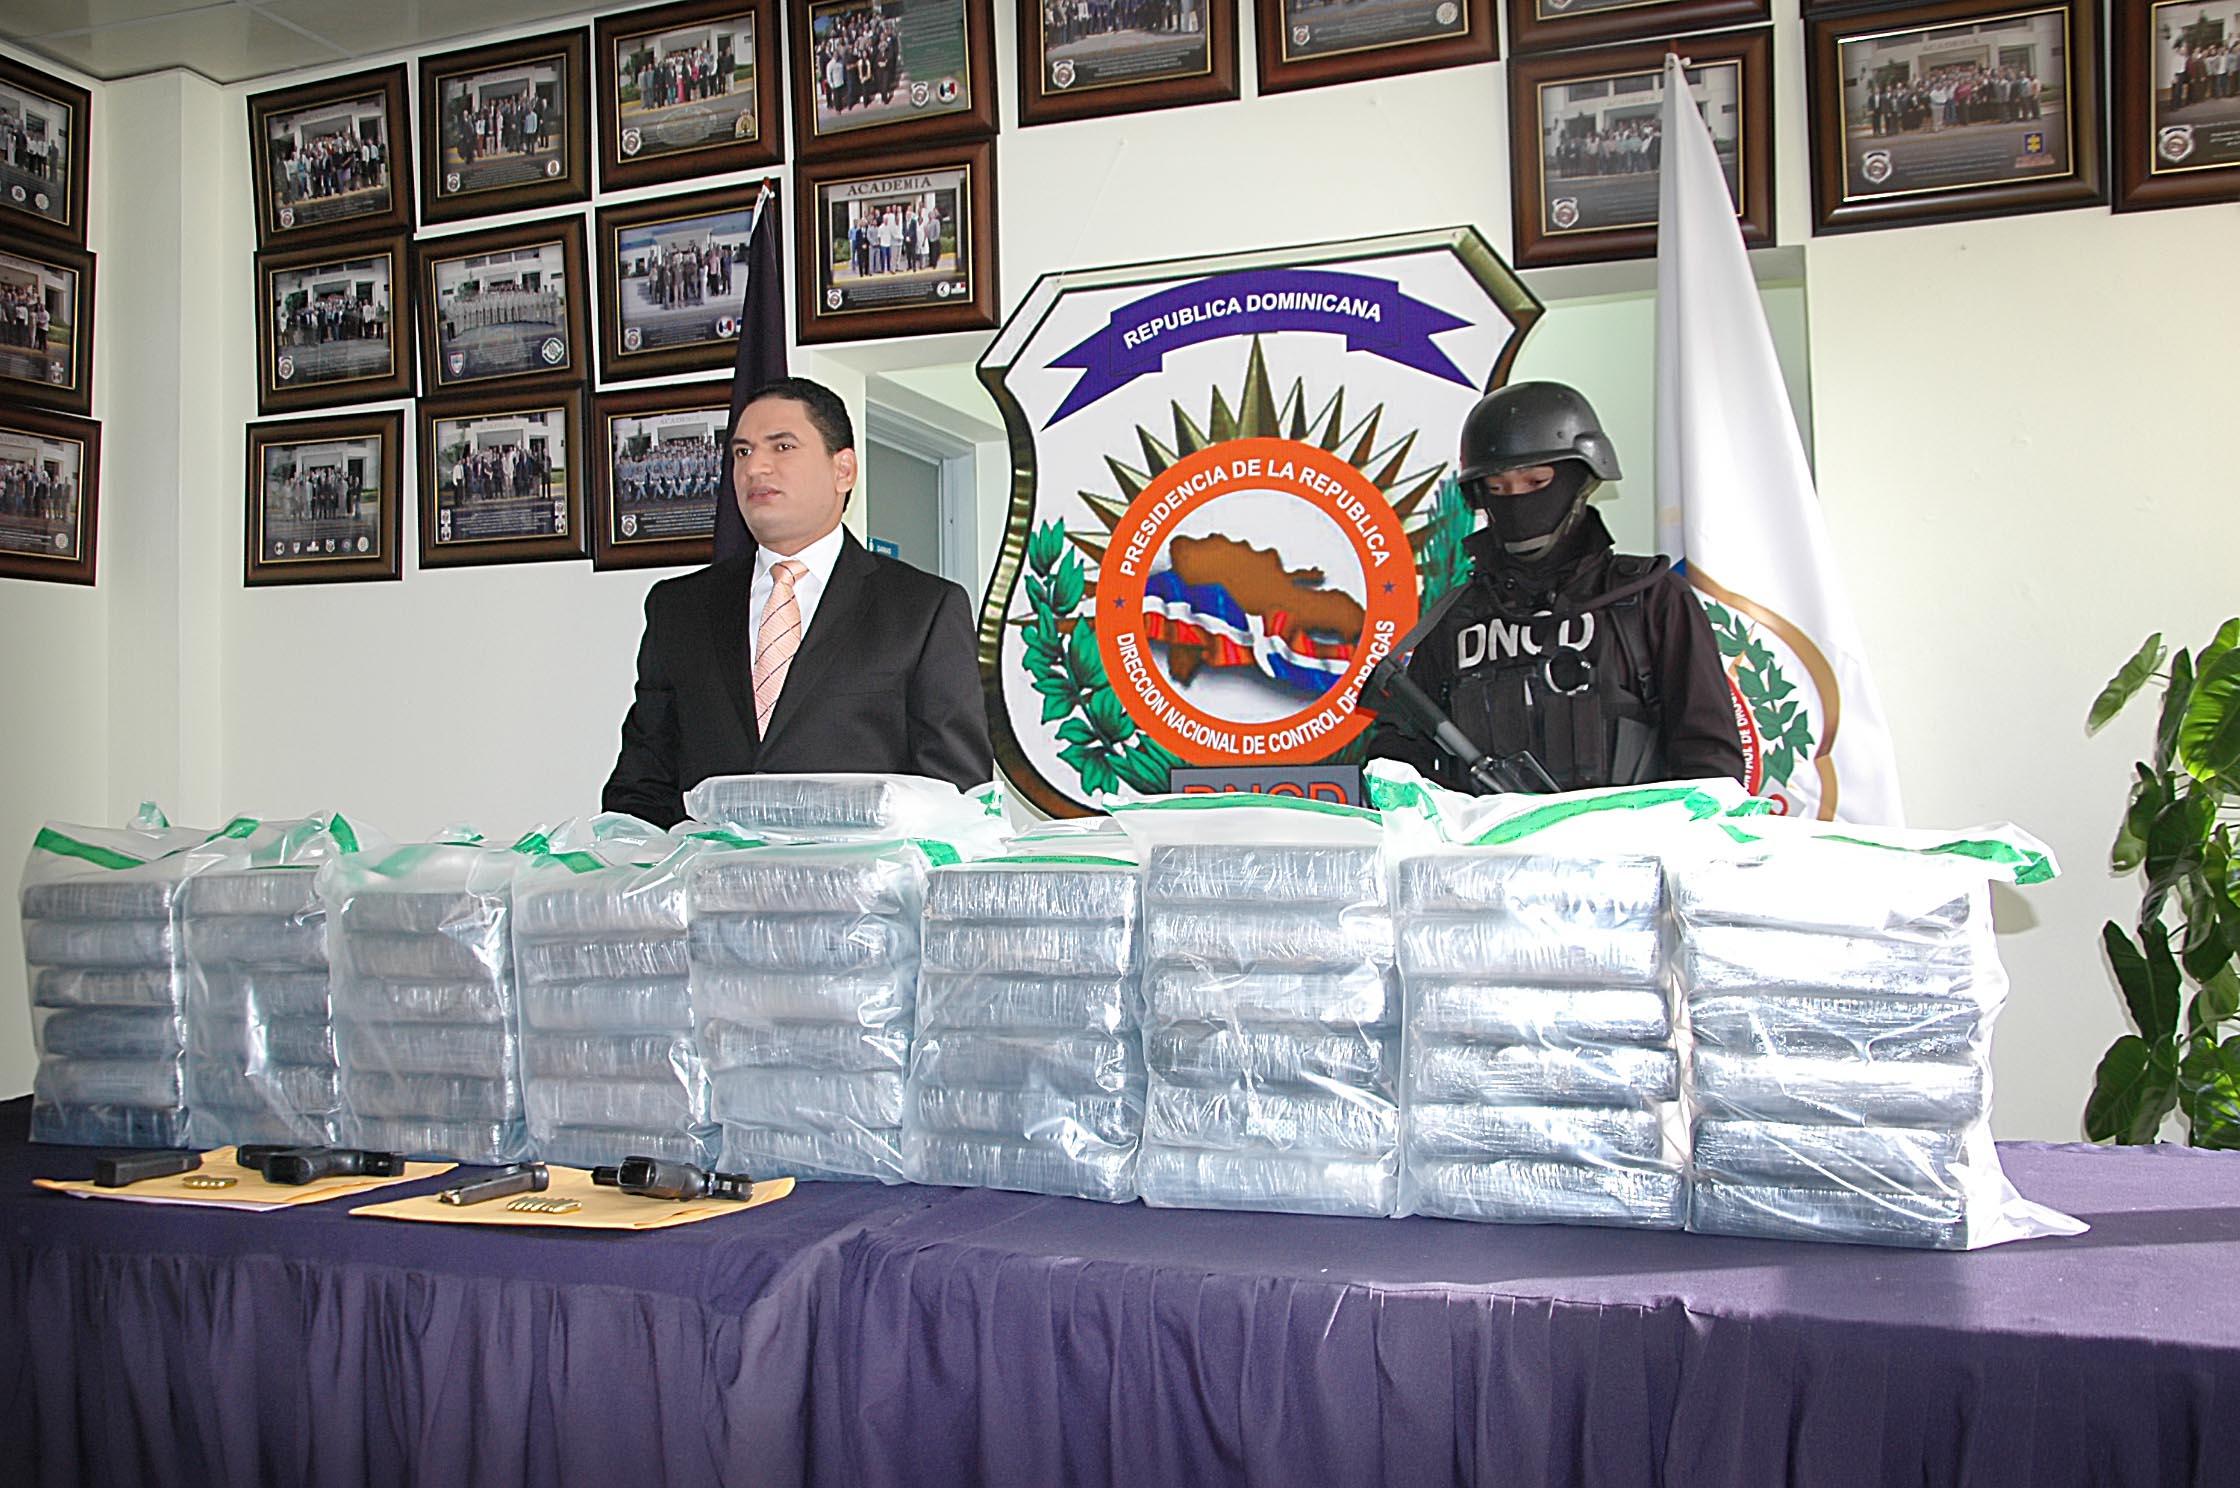 DNCD decomisa 103 paquetes presumiblemente de cocaína